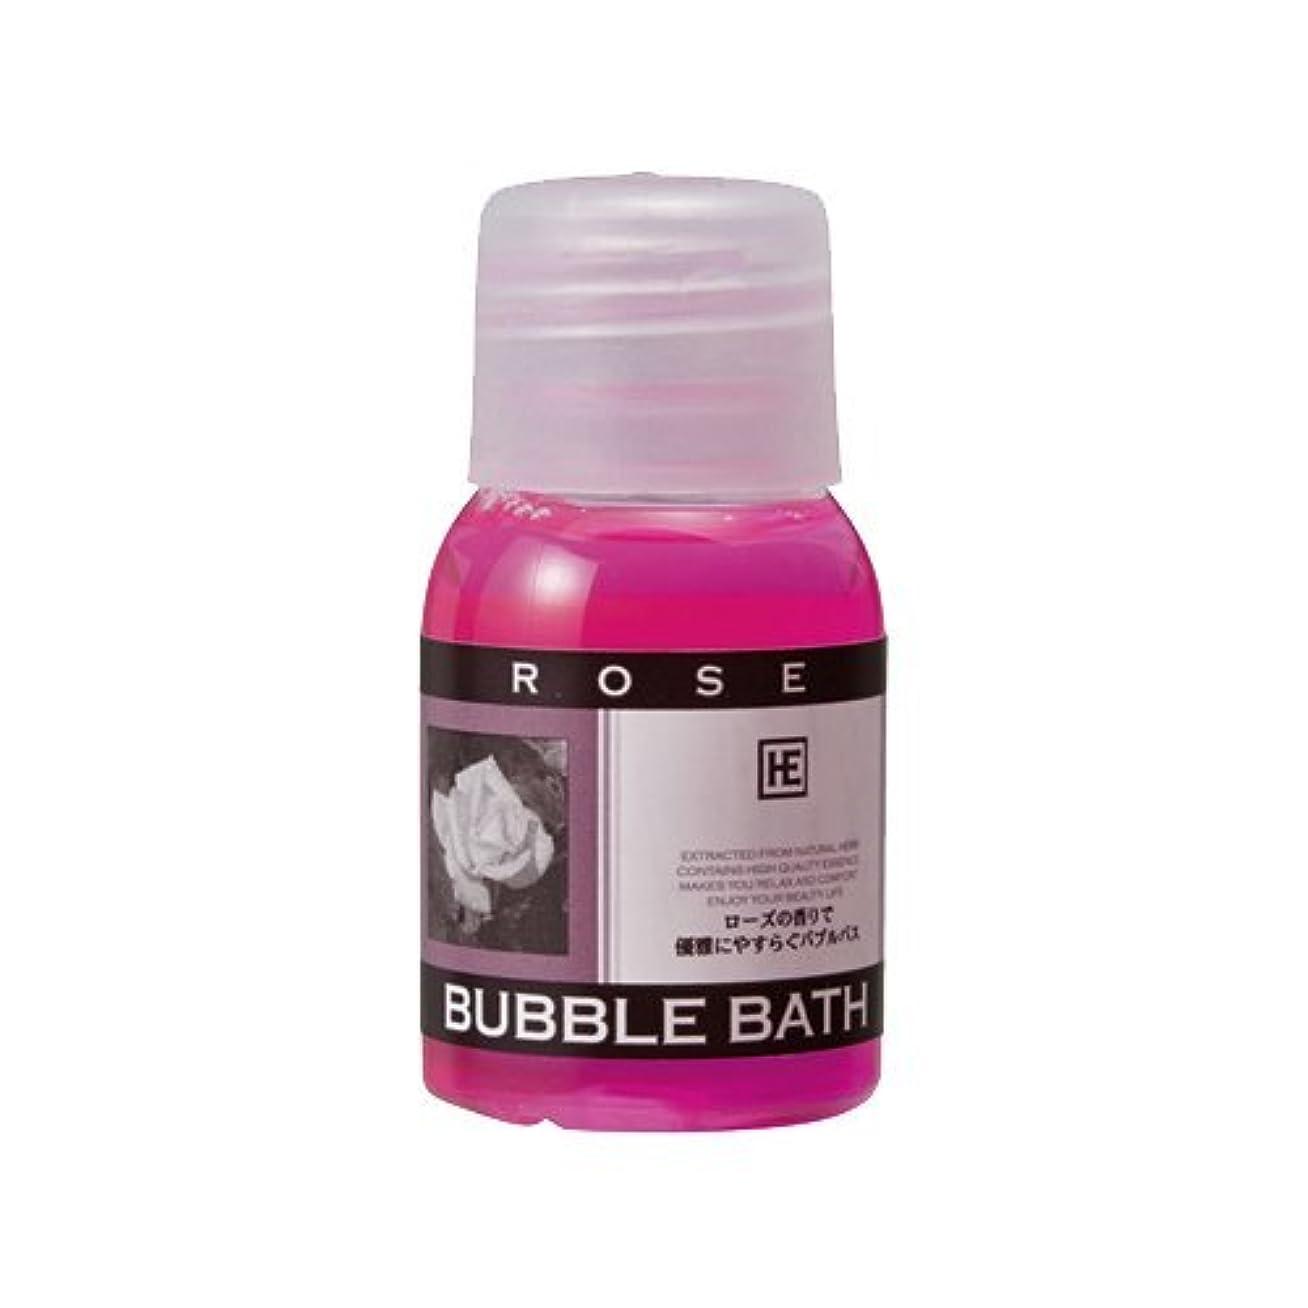 サーバハウジングほとんどないハーバルエクストラ バブルバス ミニボトル ローズの香り × 20個セット - ホテルアメニティ 業務用 発泡入浴剤 (BUBBLE BATH)